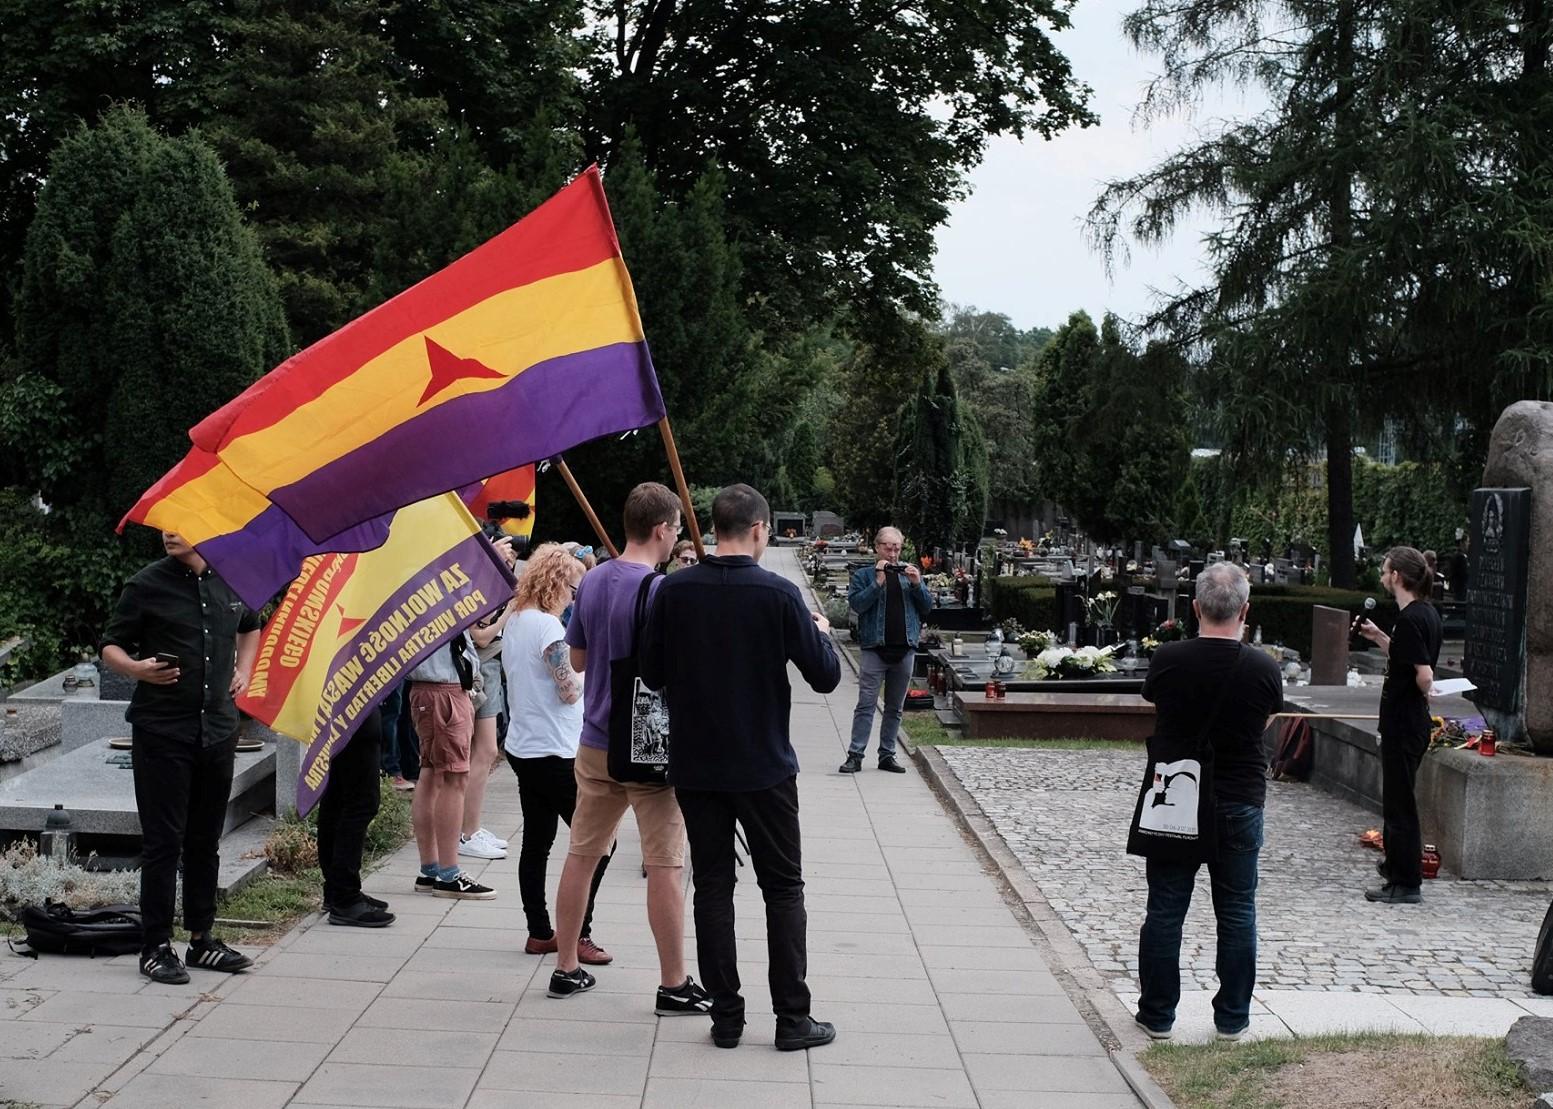 Dąbrowszczacy_2019 (6)